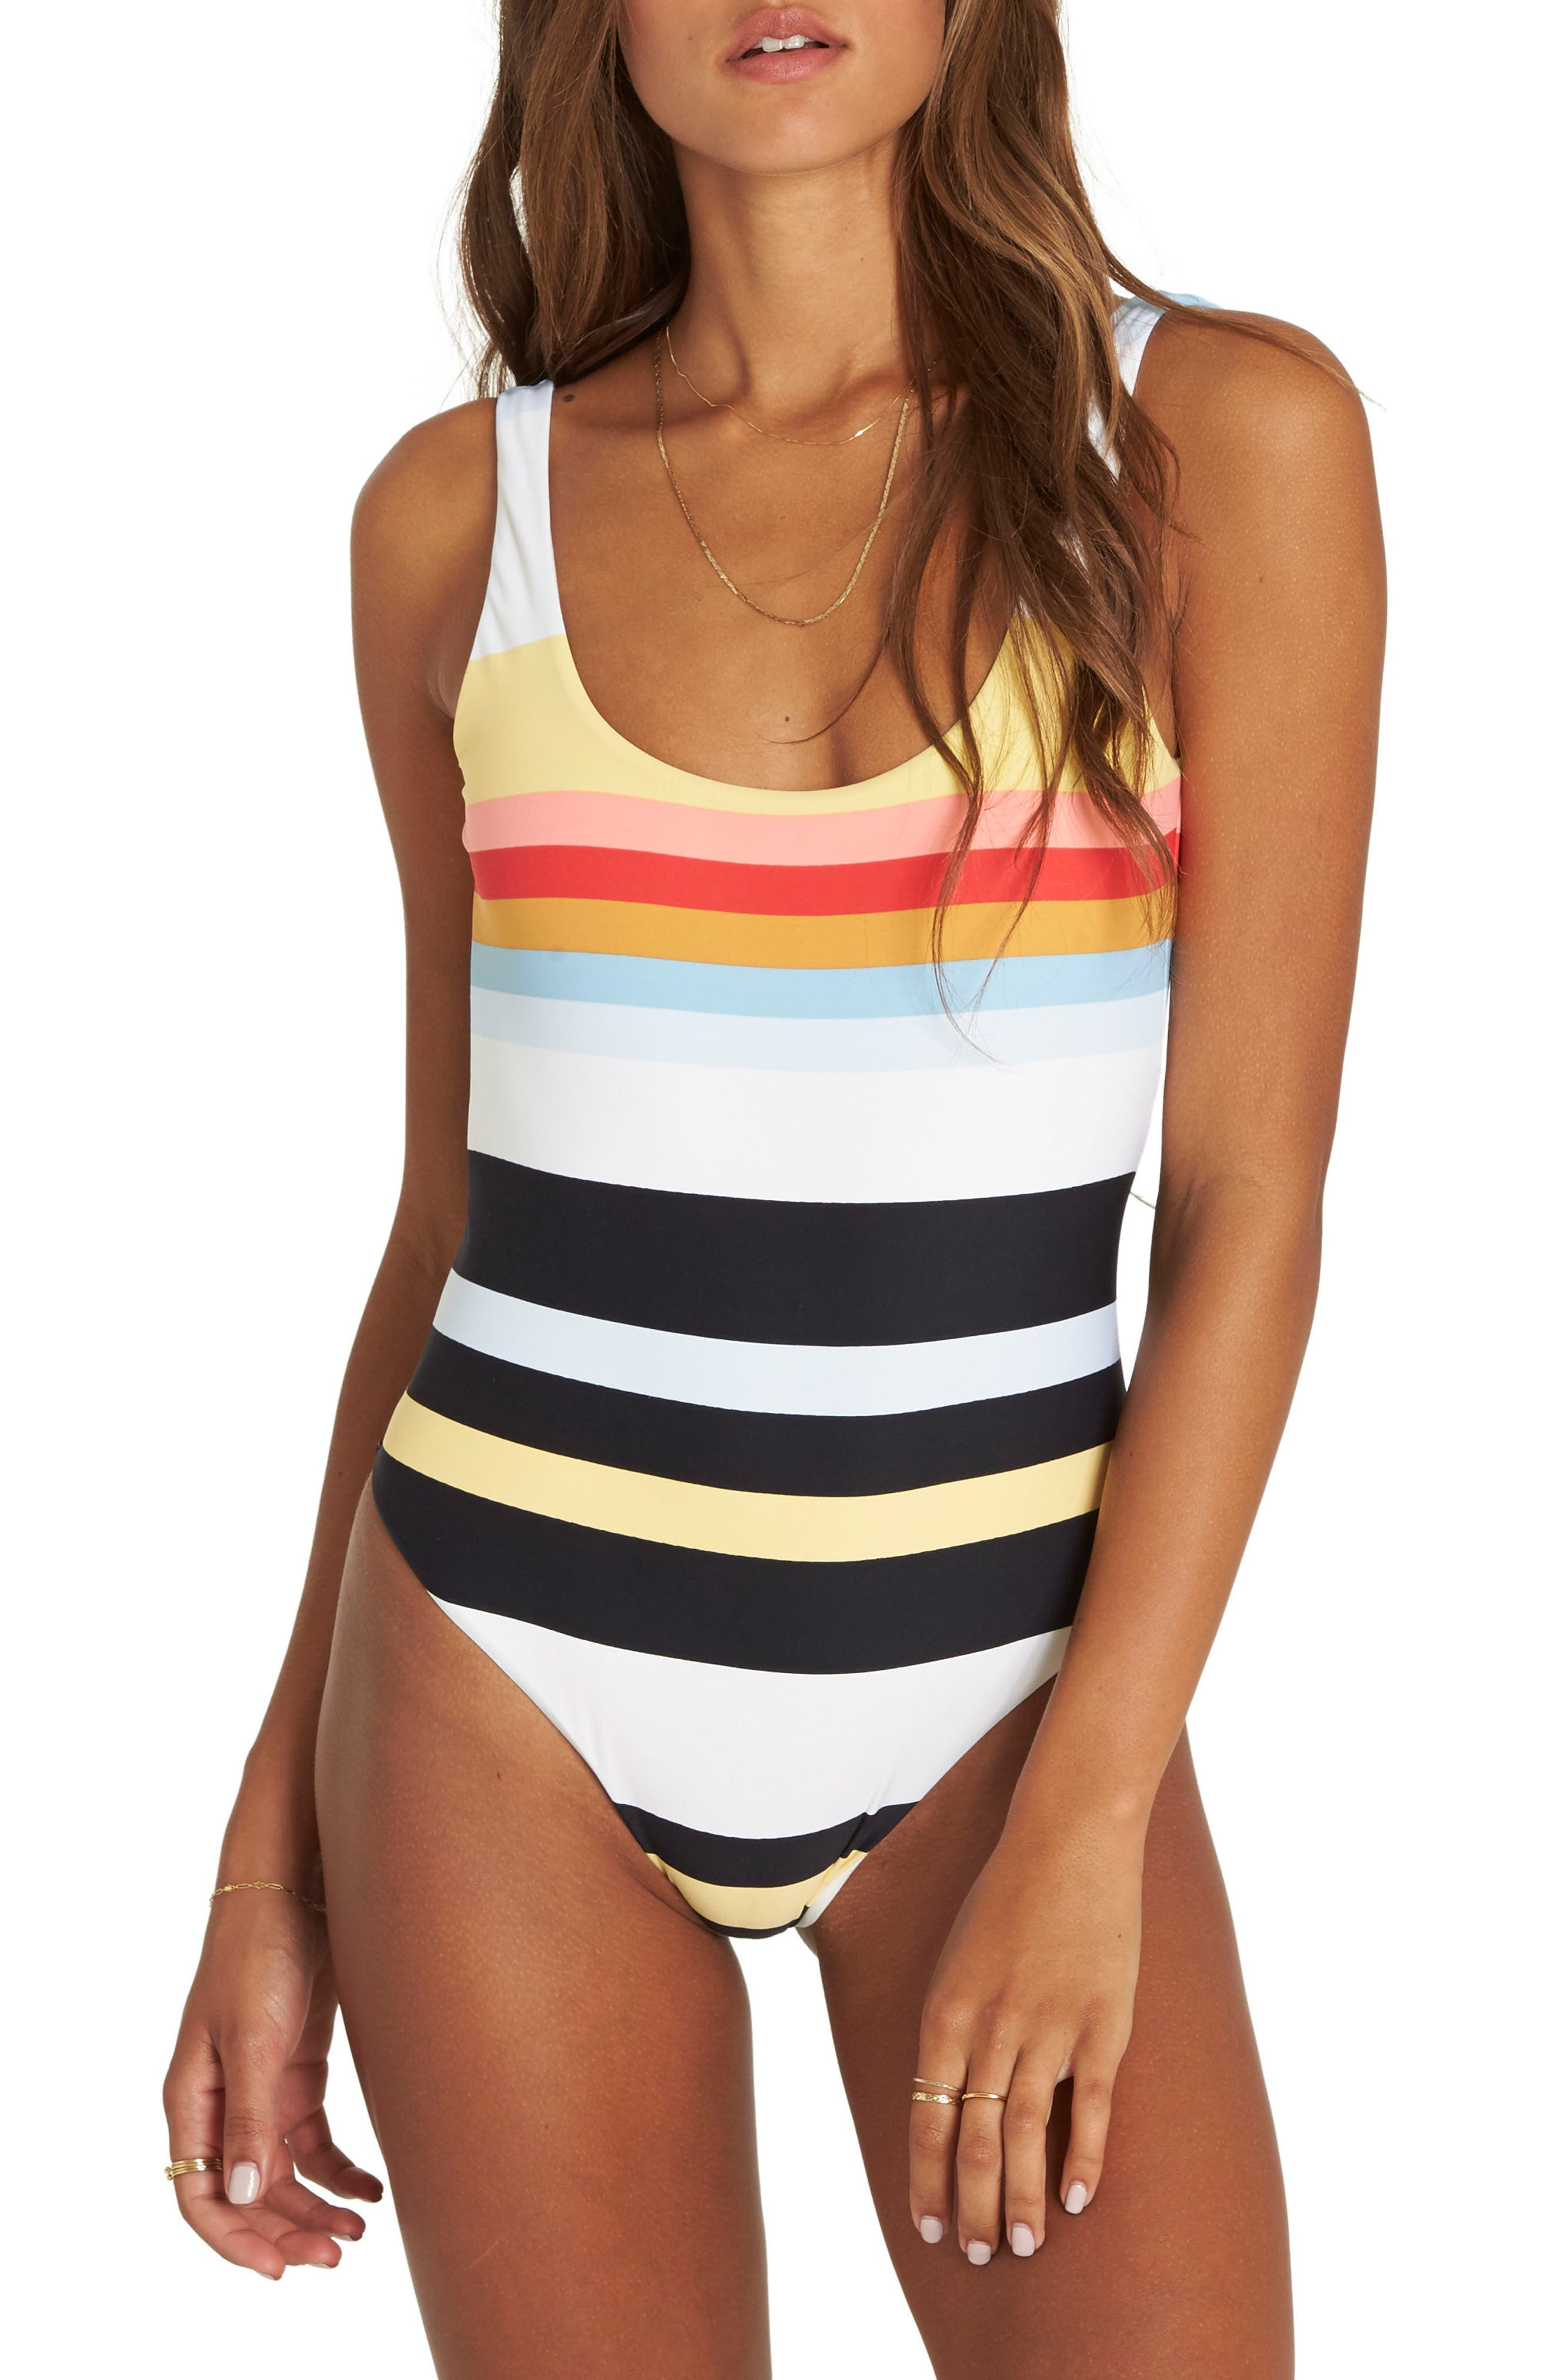 Baja Break One-Piece Swimsuit,                             Main thumbnail 1, color,                             100